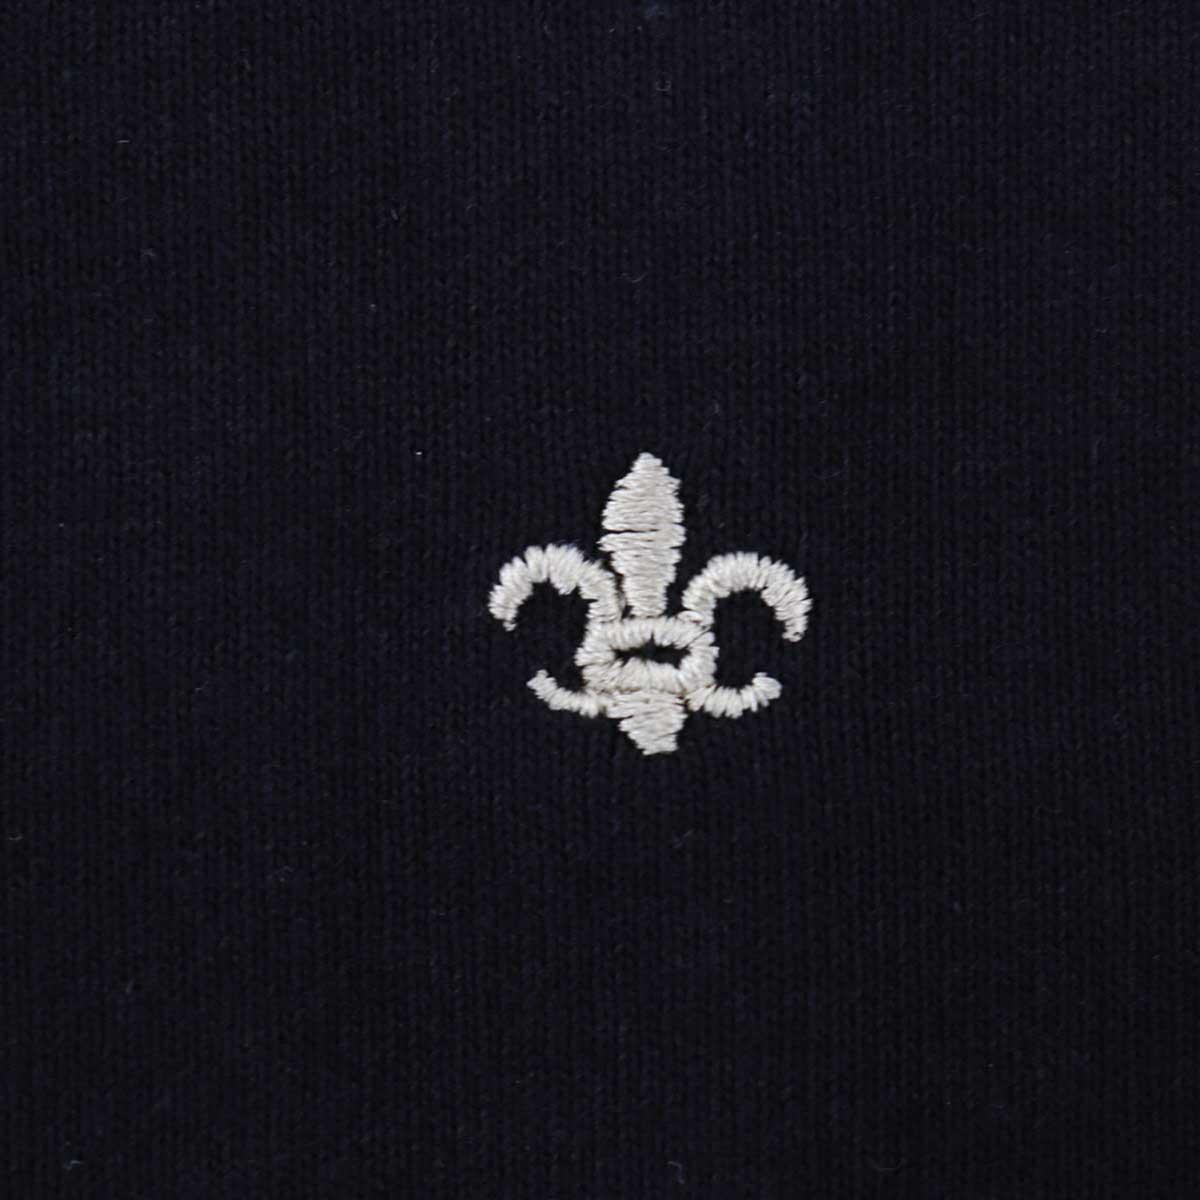 USAコットン クルーネック 半袖 Tシャツ BLACK(ブラック)